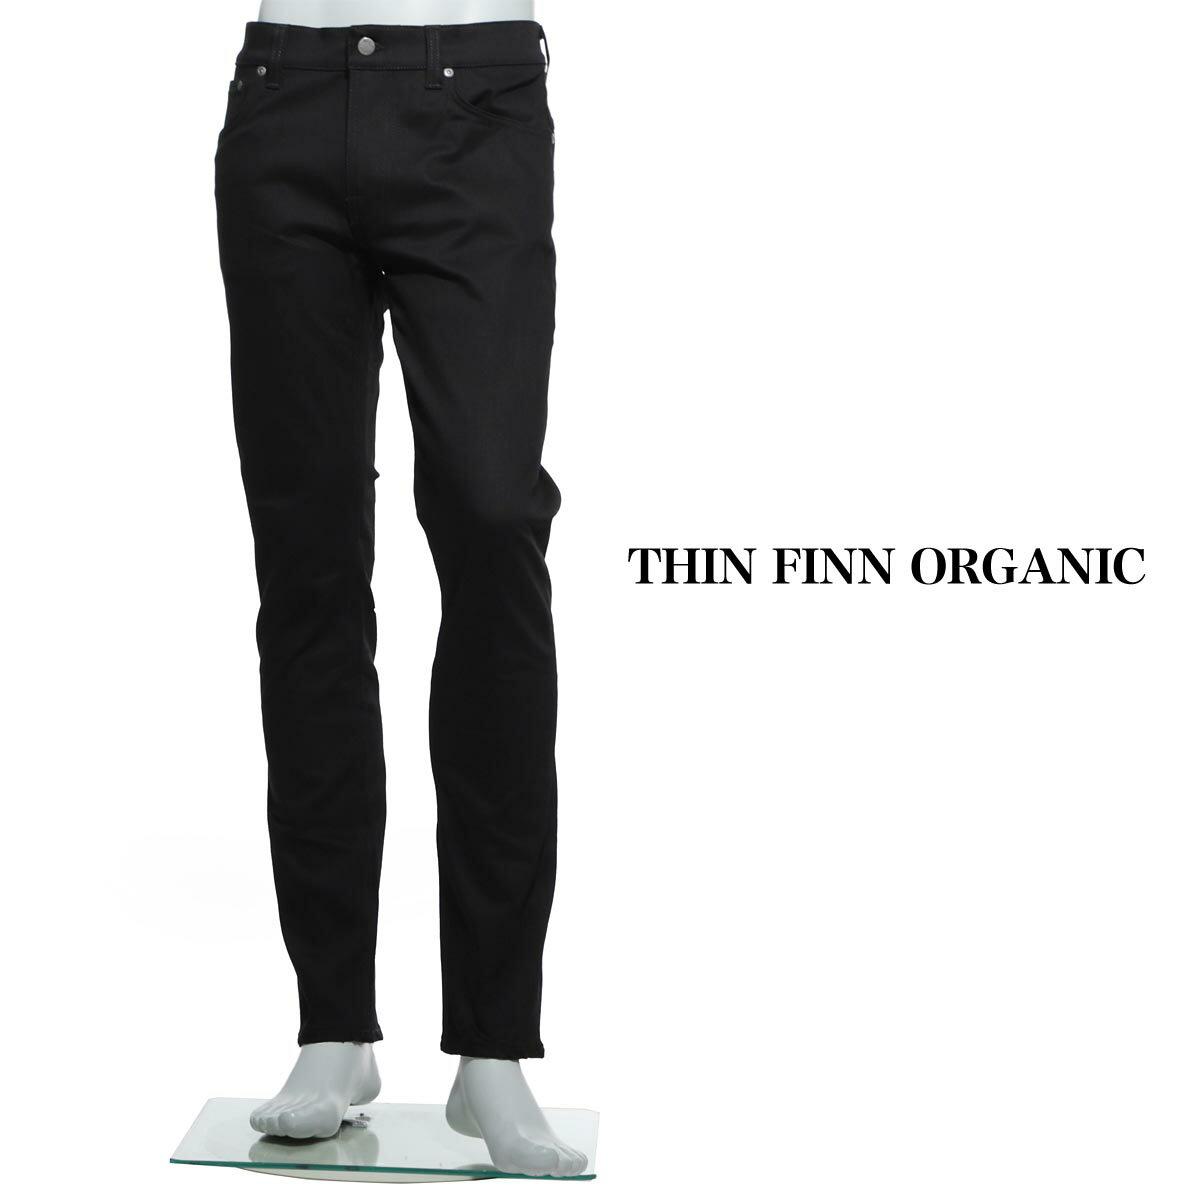 ヌーディ—ジーンズ nudie jeans co ジップフライジーンズ シンフィン ブラック メンズ コットン thin finn 112303 THIN FINN ORGANIC 【ラッピング無料】【返品送料無料】【171016】【あす楽対応_関東】